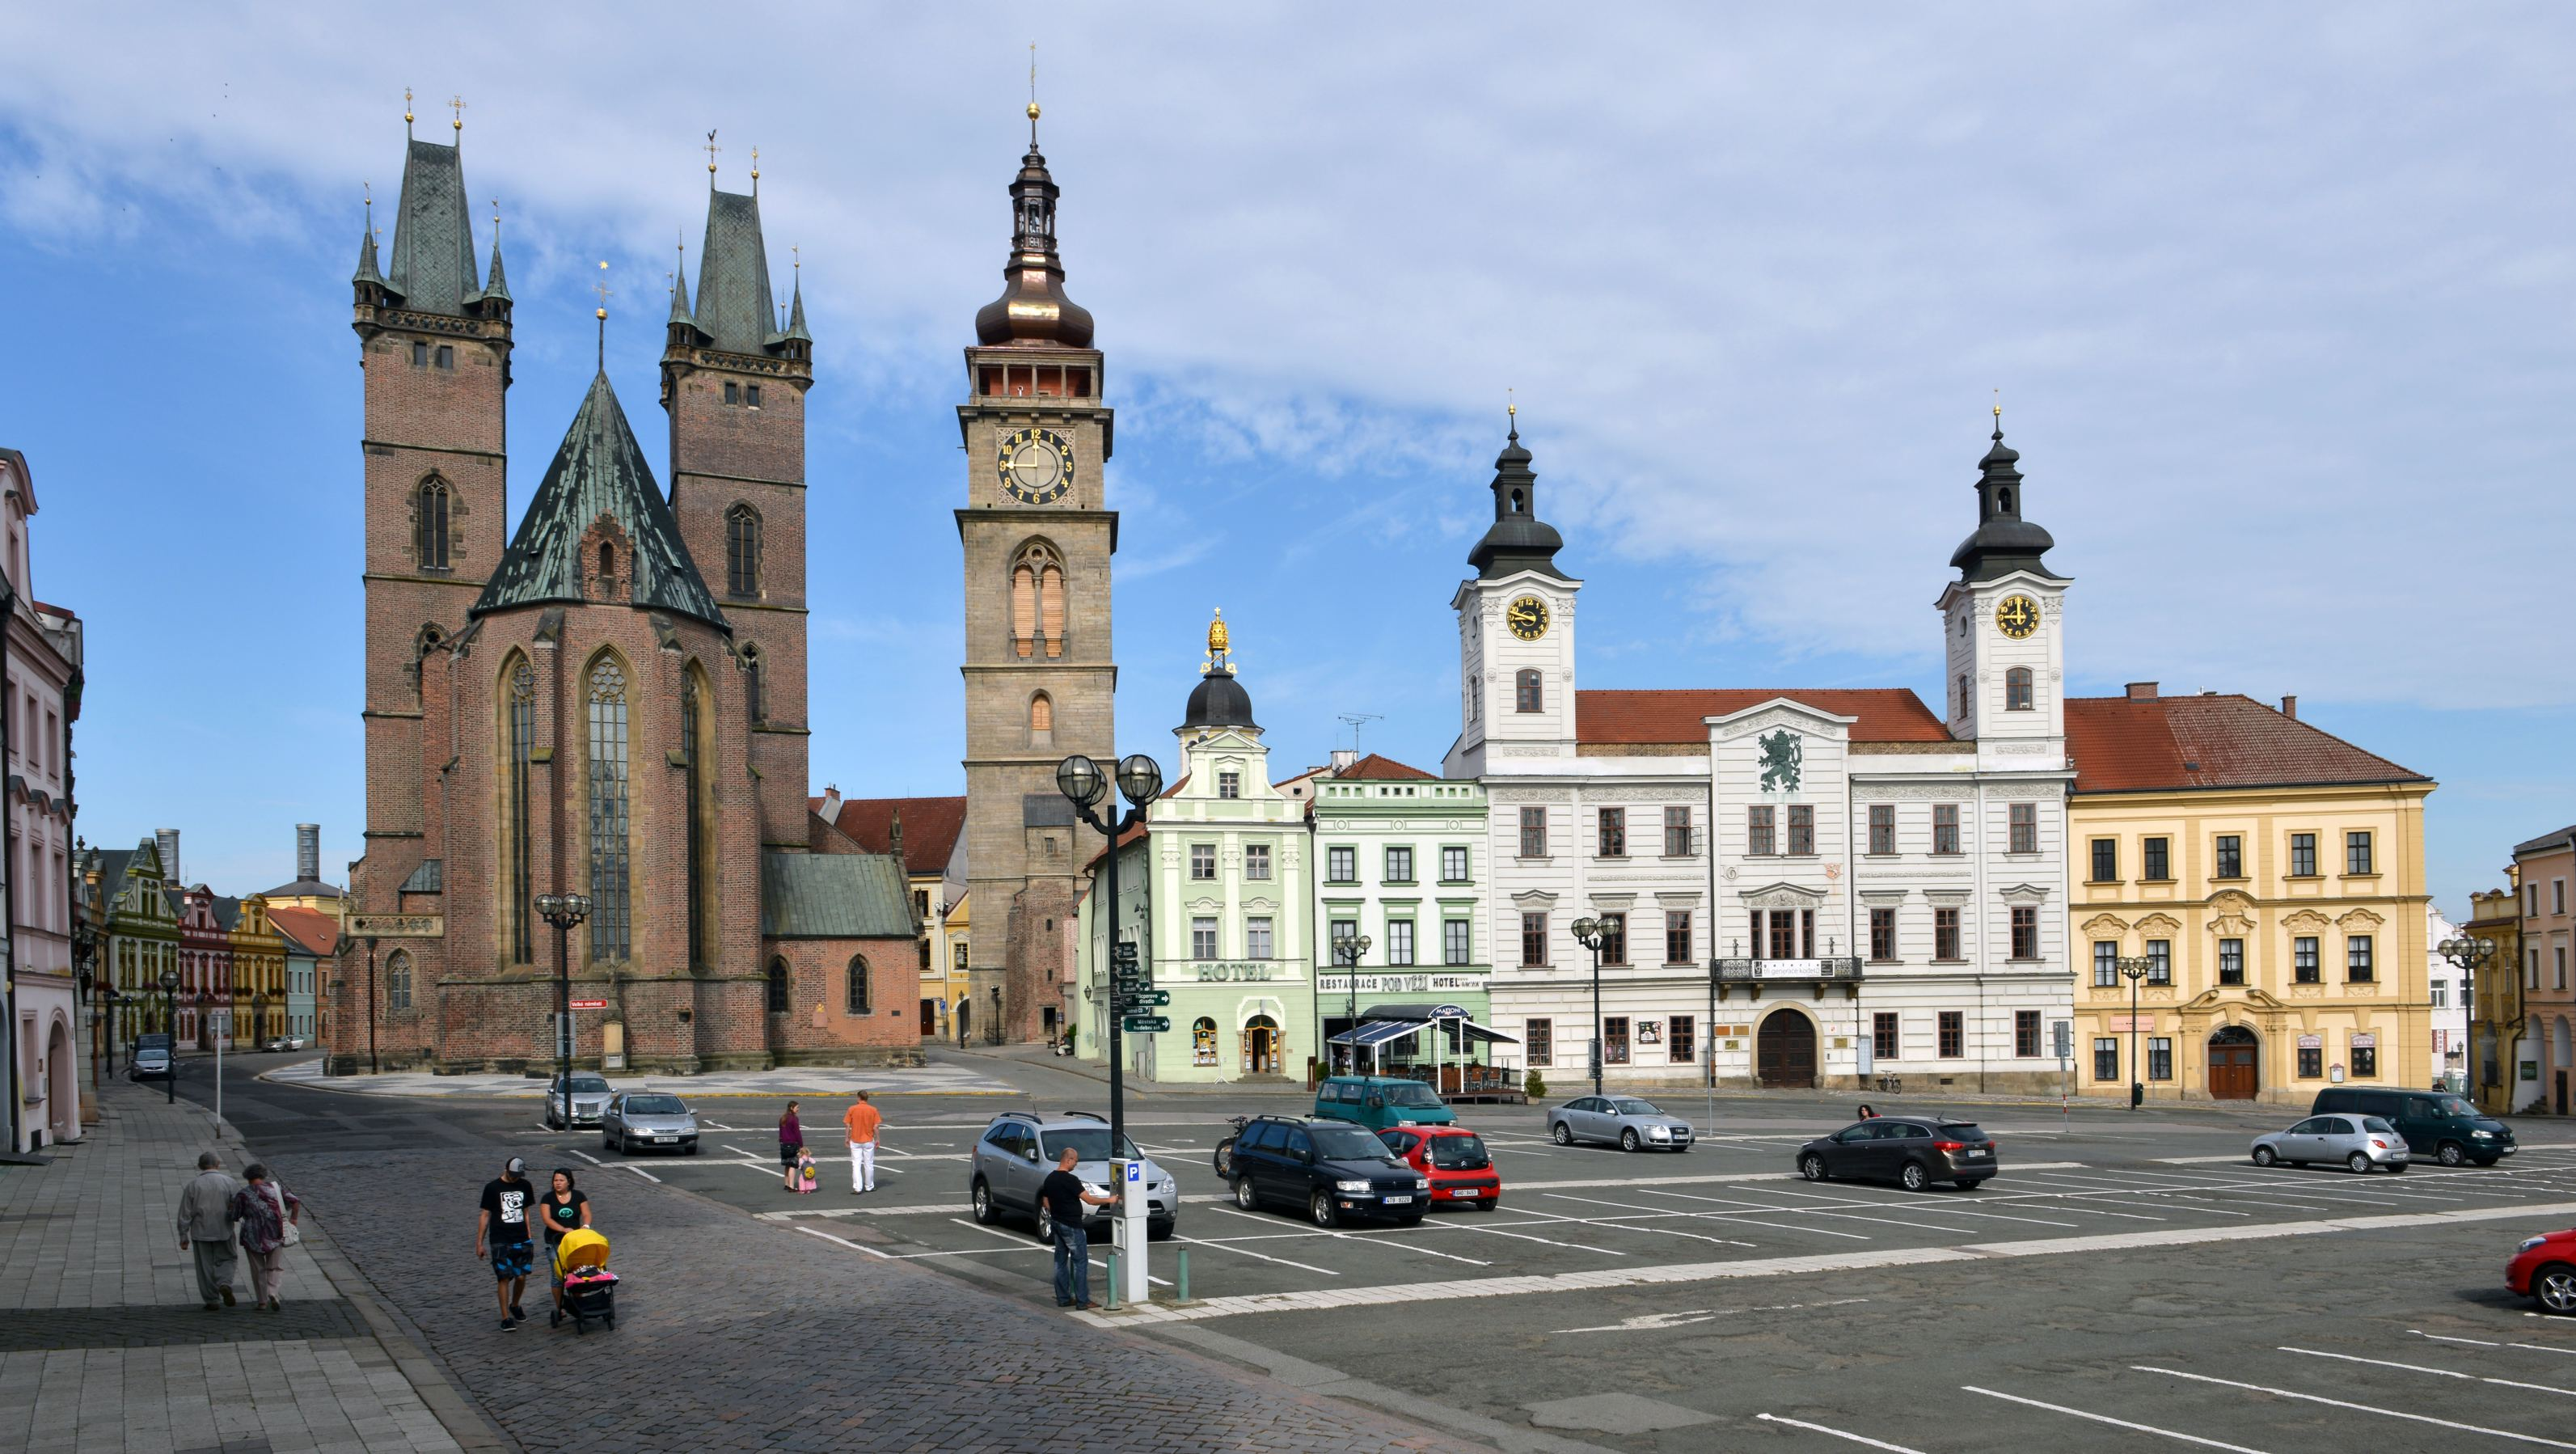 Centrum královského věnného města Hradec Králové